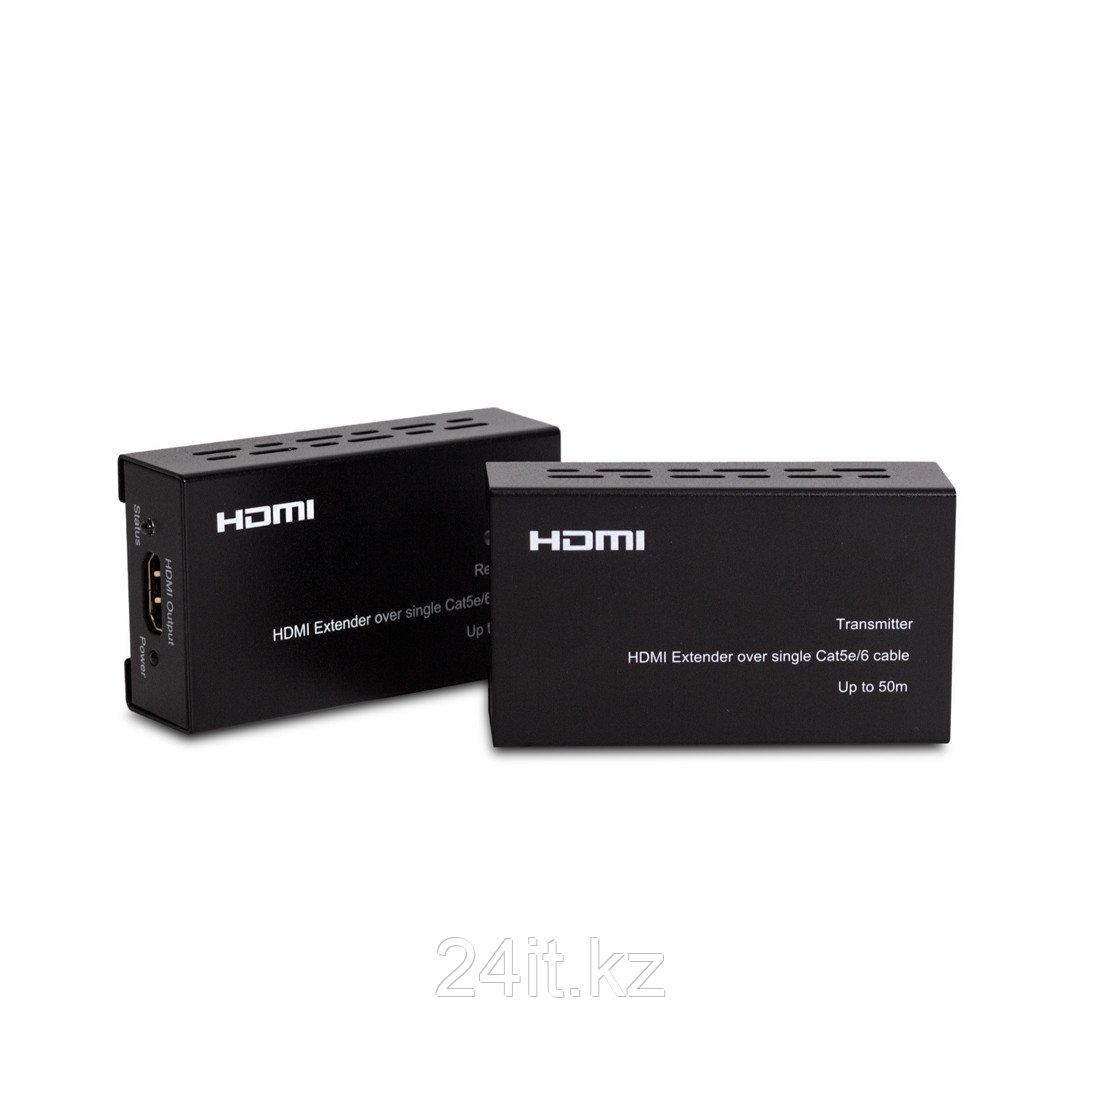 Комплект для передачи HDMI по сети Extender Deluxe HDEX-50m